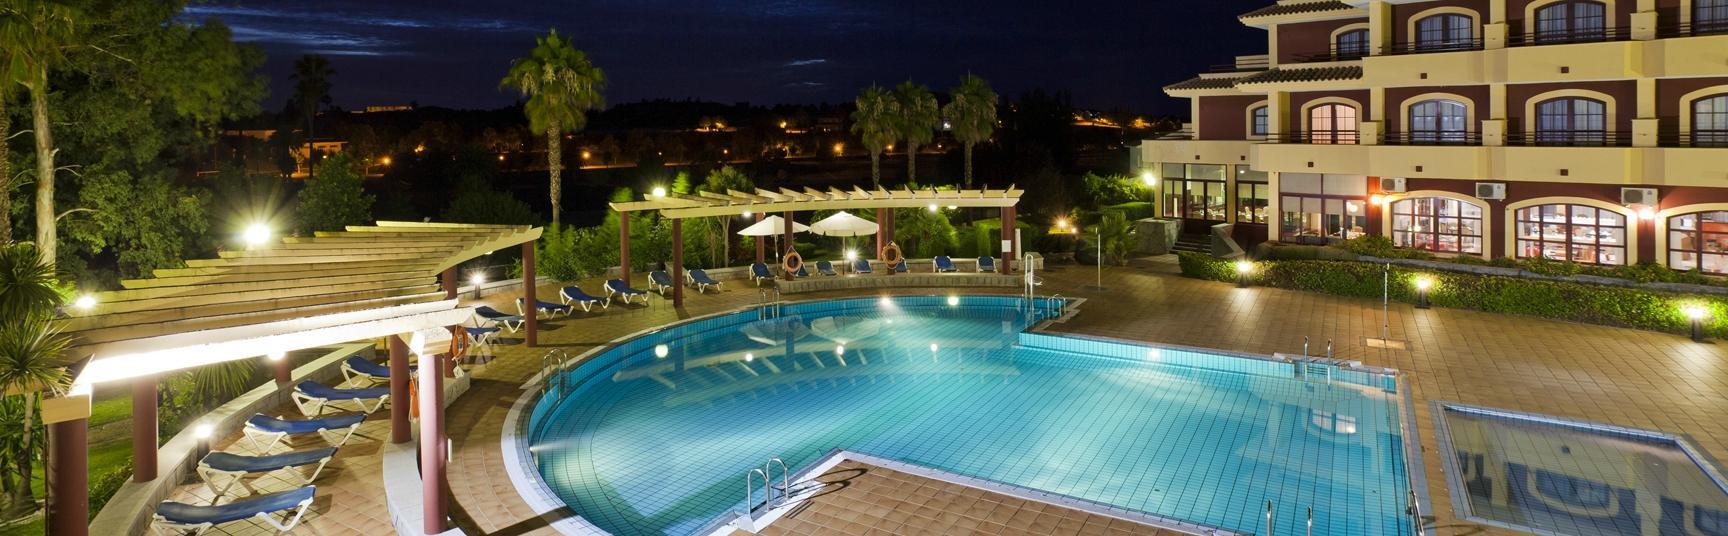 foro hotel lisboa badajoz: